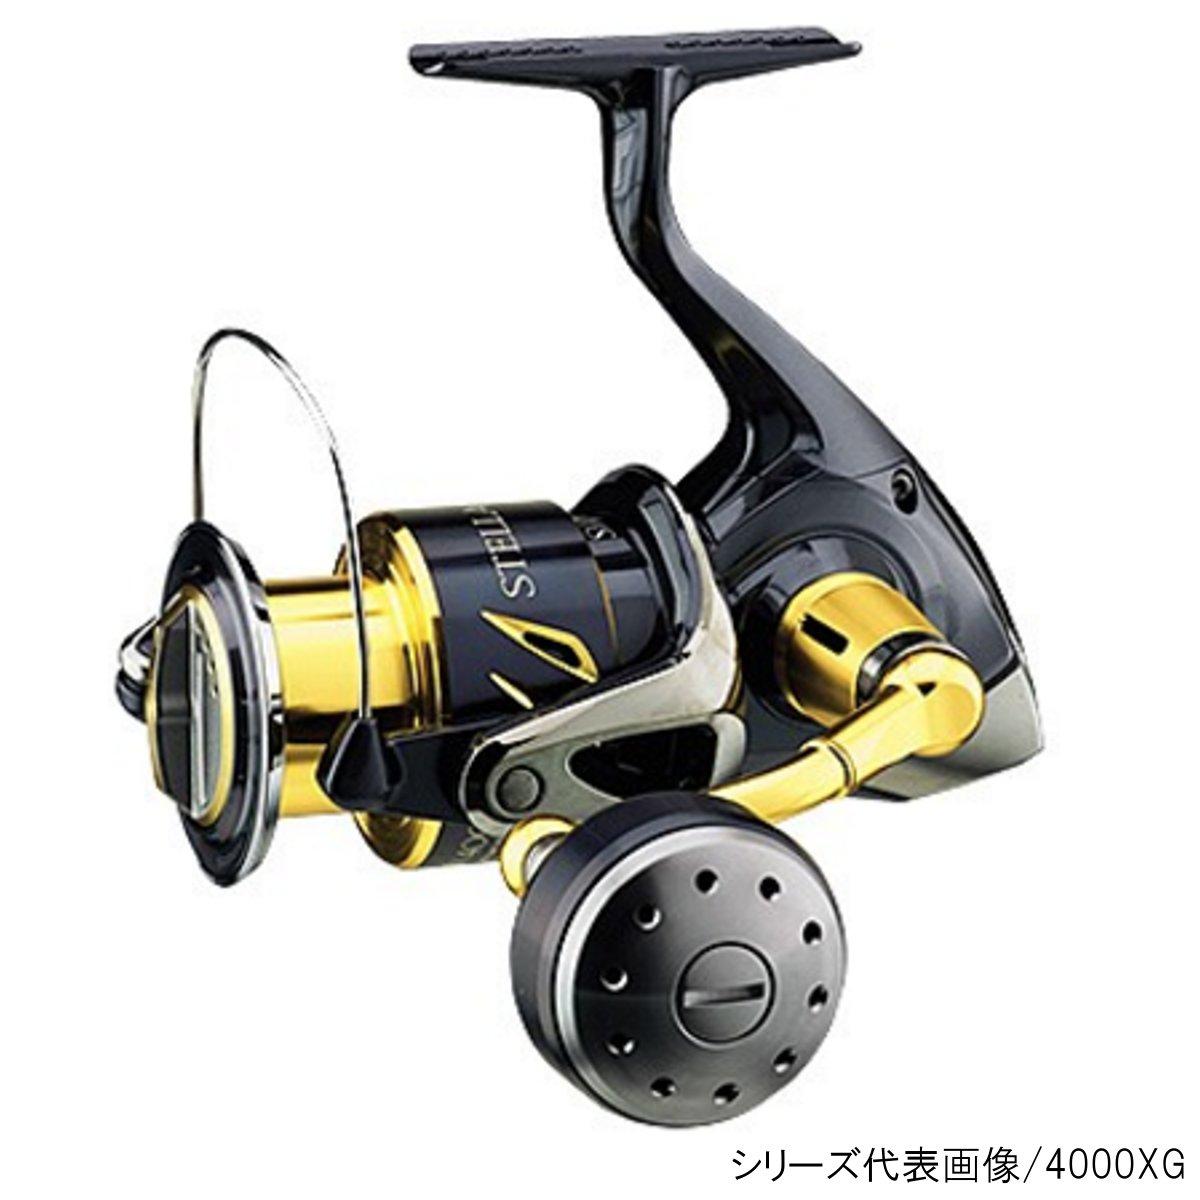 シマノ ステラSW 6000XG【送料無料】